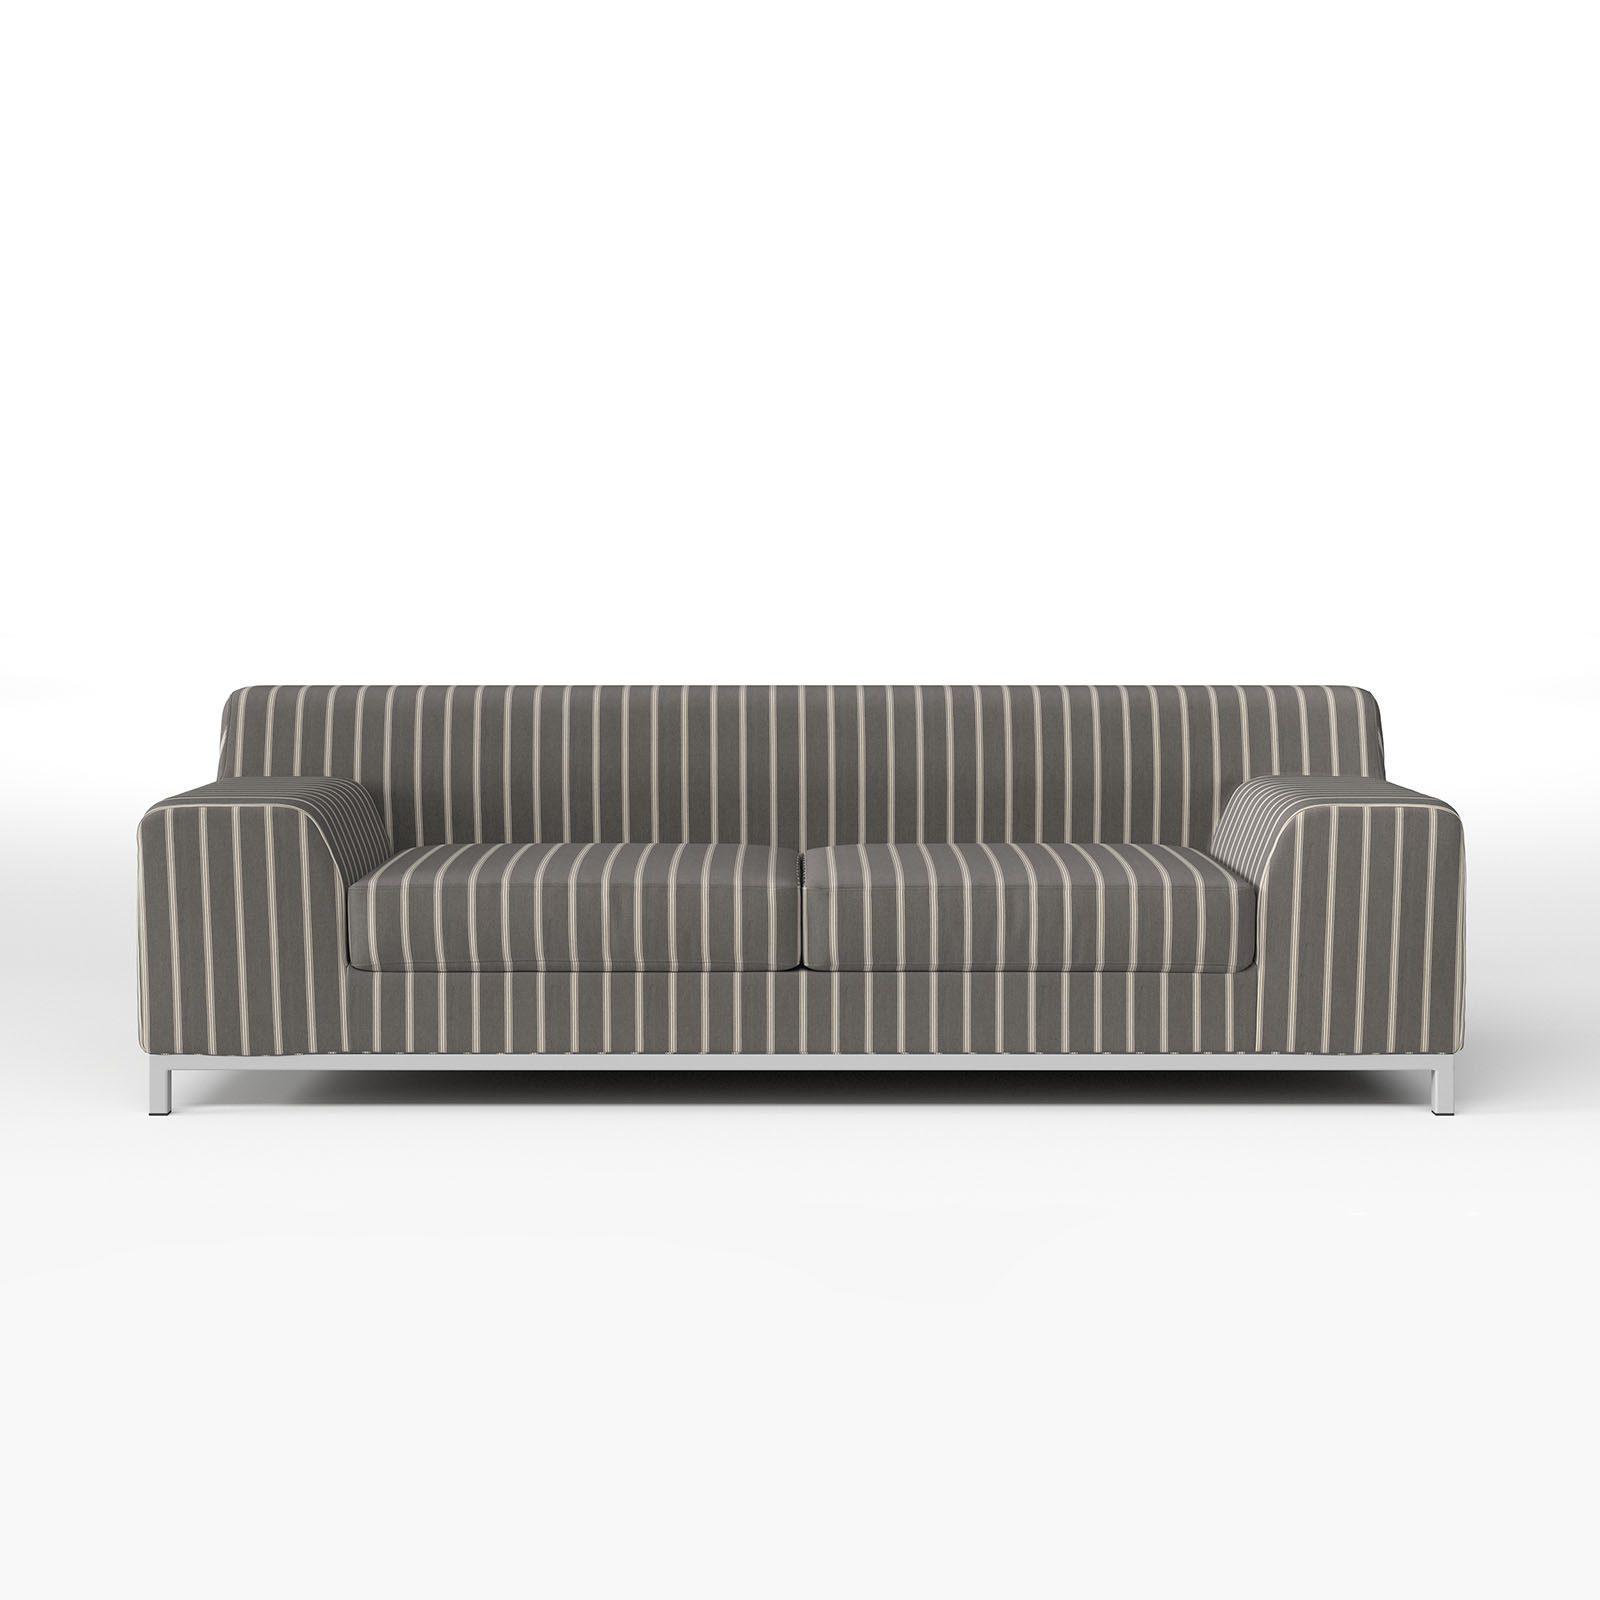 hier findest du bez ge f r das eingestellte ikea kramfors sofa. Black Bedroom Furniture Sets. Home Design Ideas